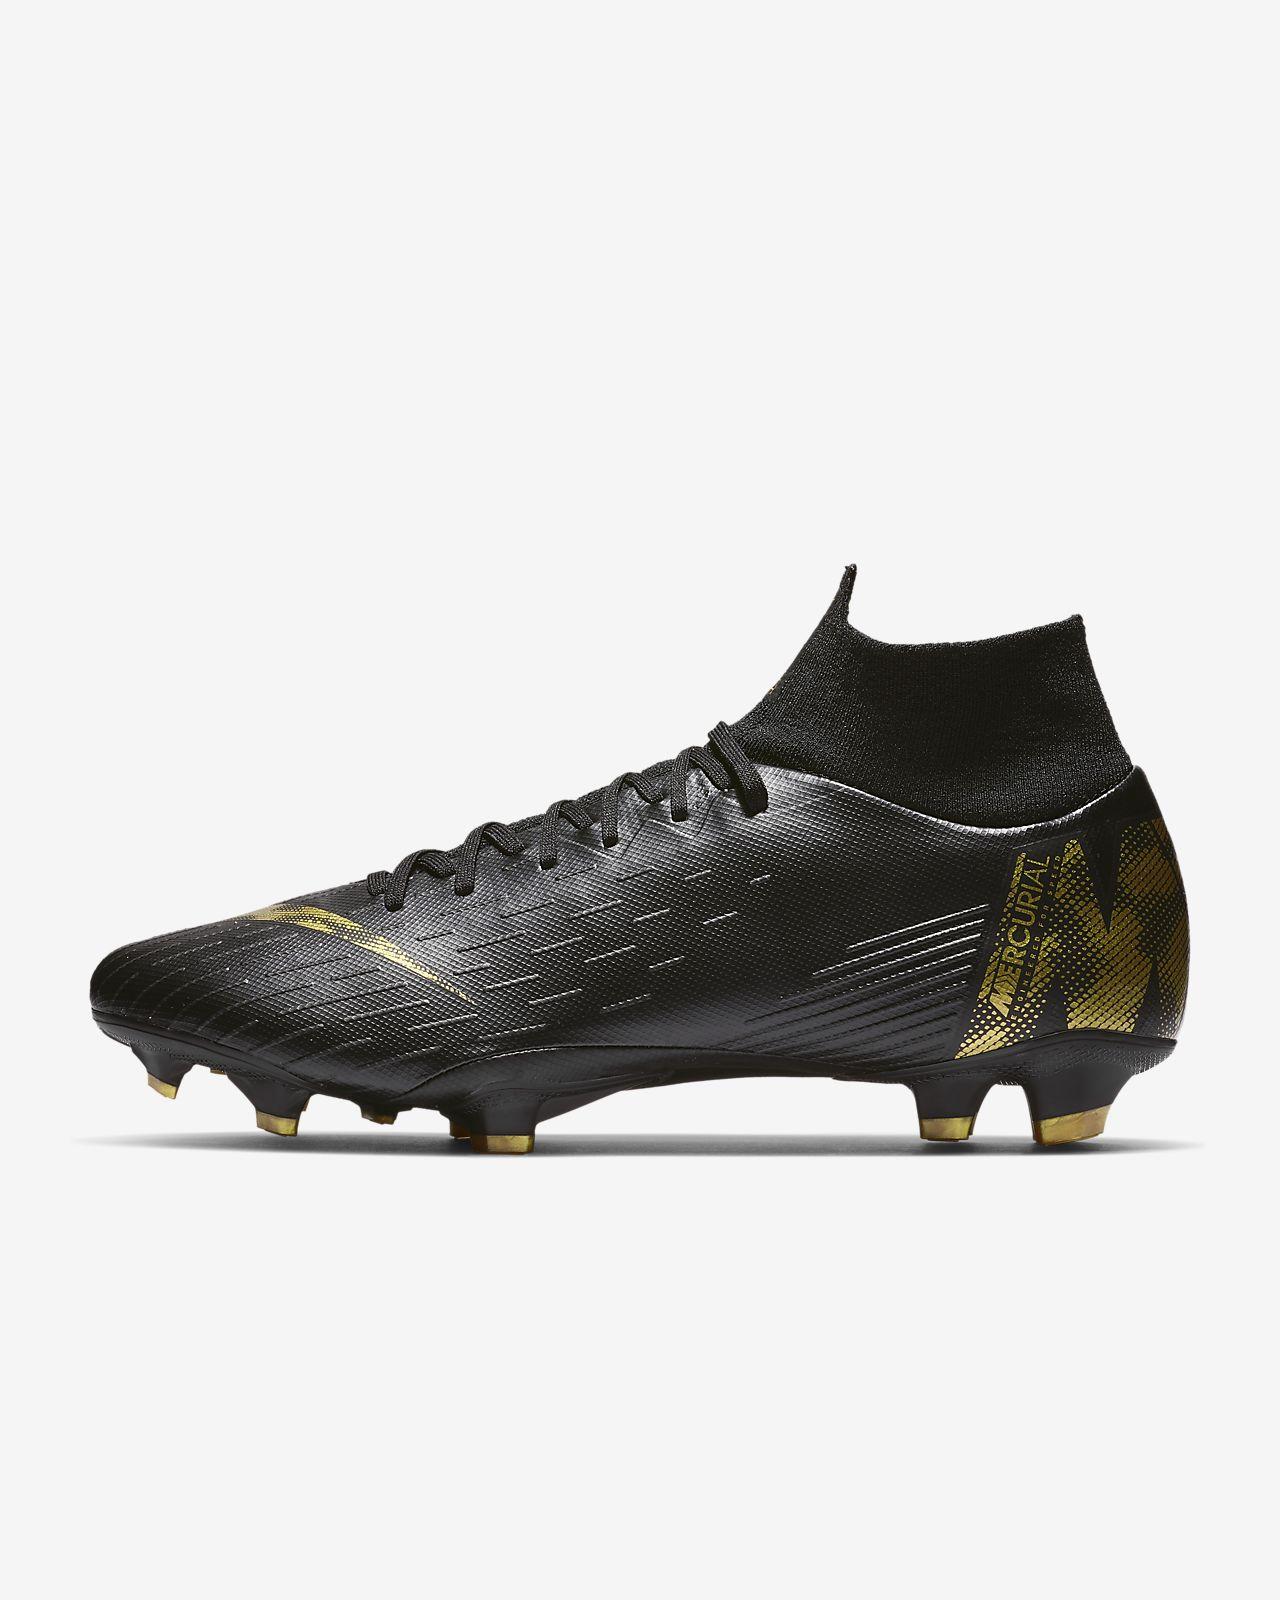 Fotbollssko för gräs Nike Superfly 6 Pro FG